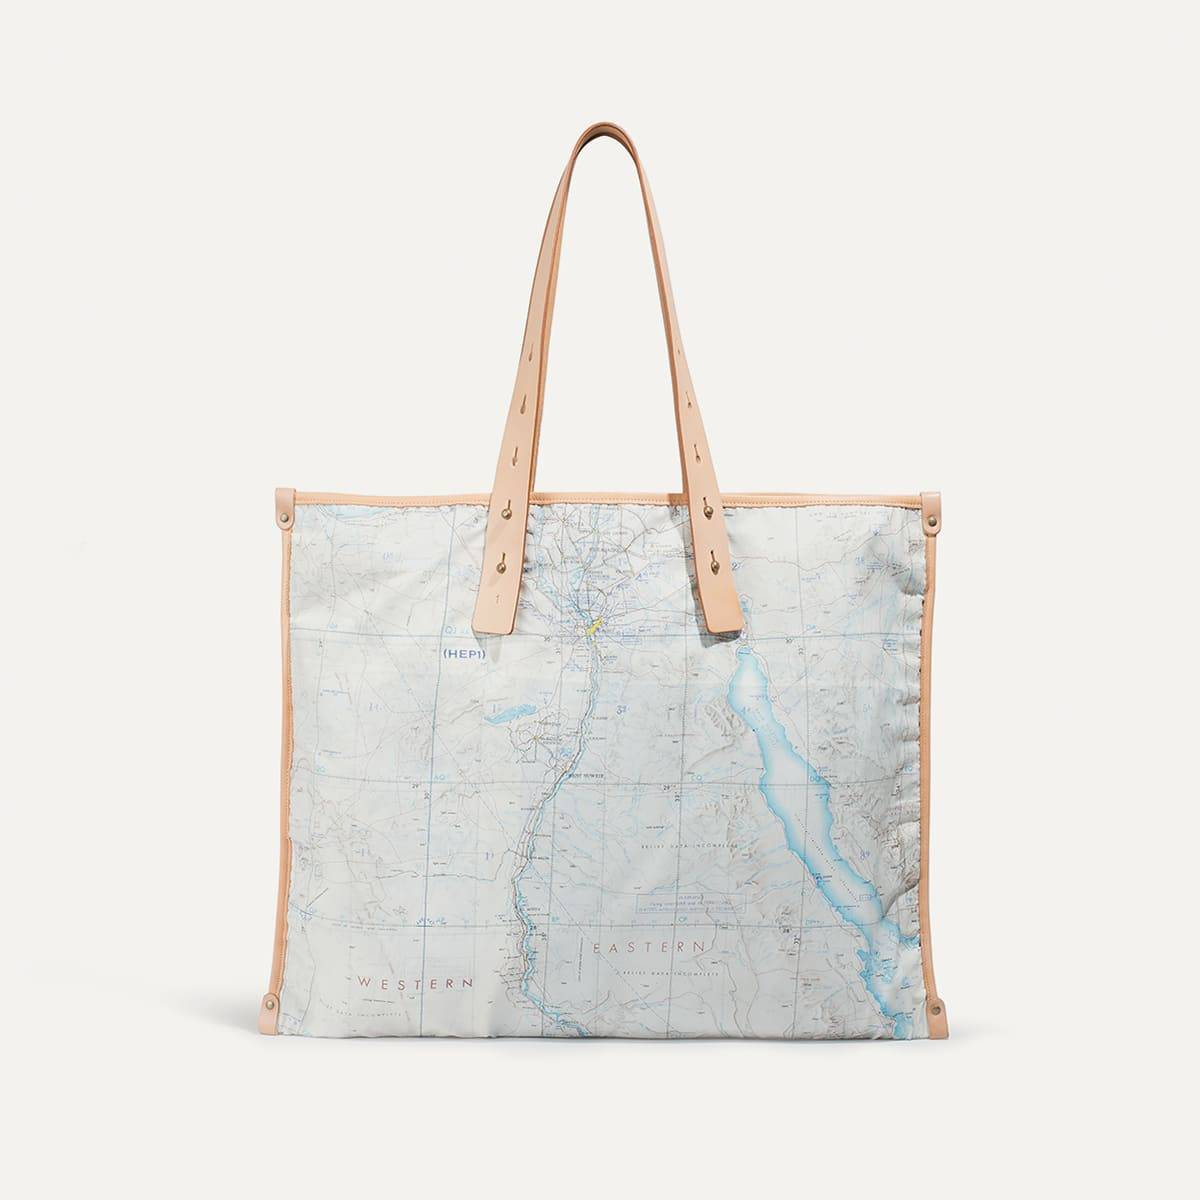 BDC x Bonhomme bag (image n°1)